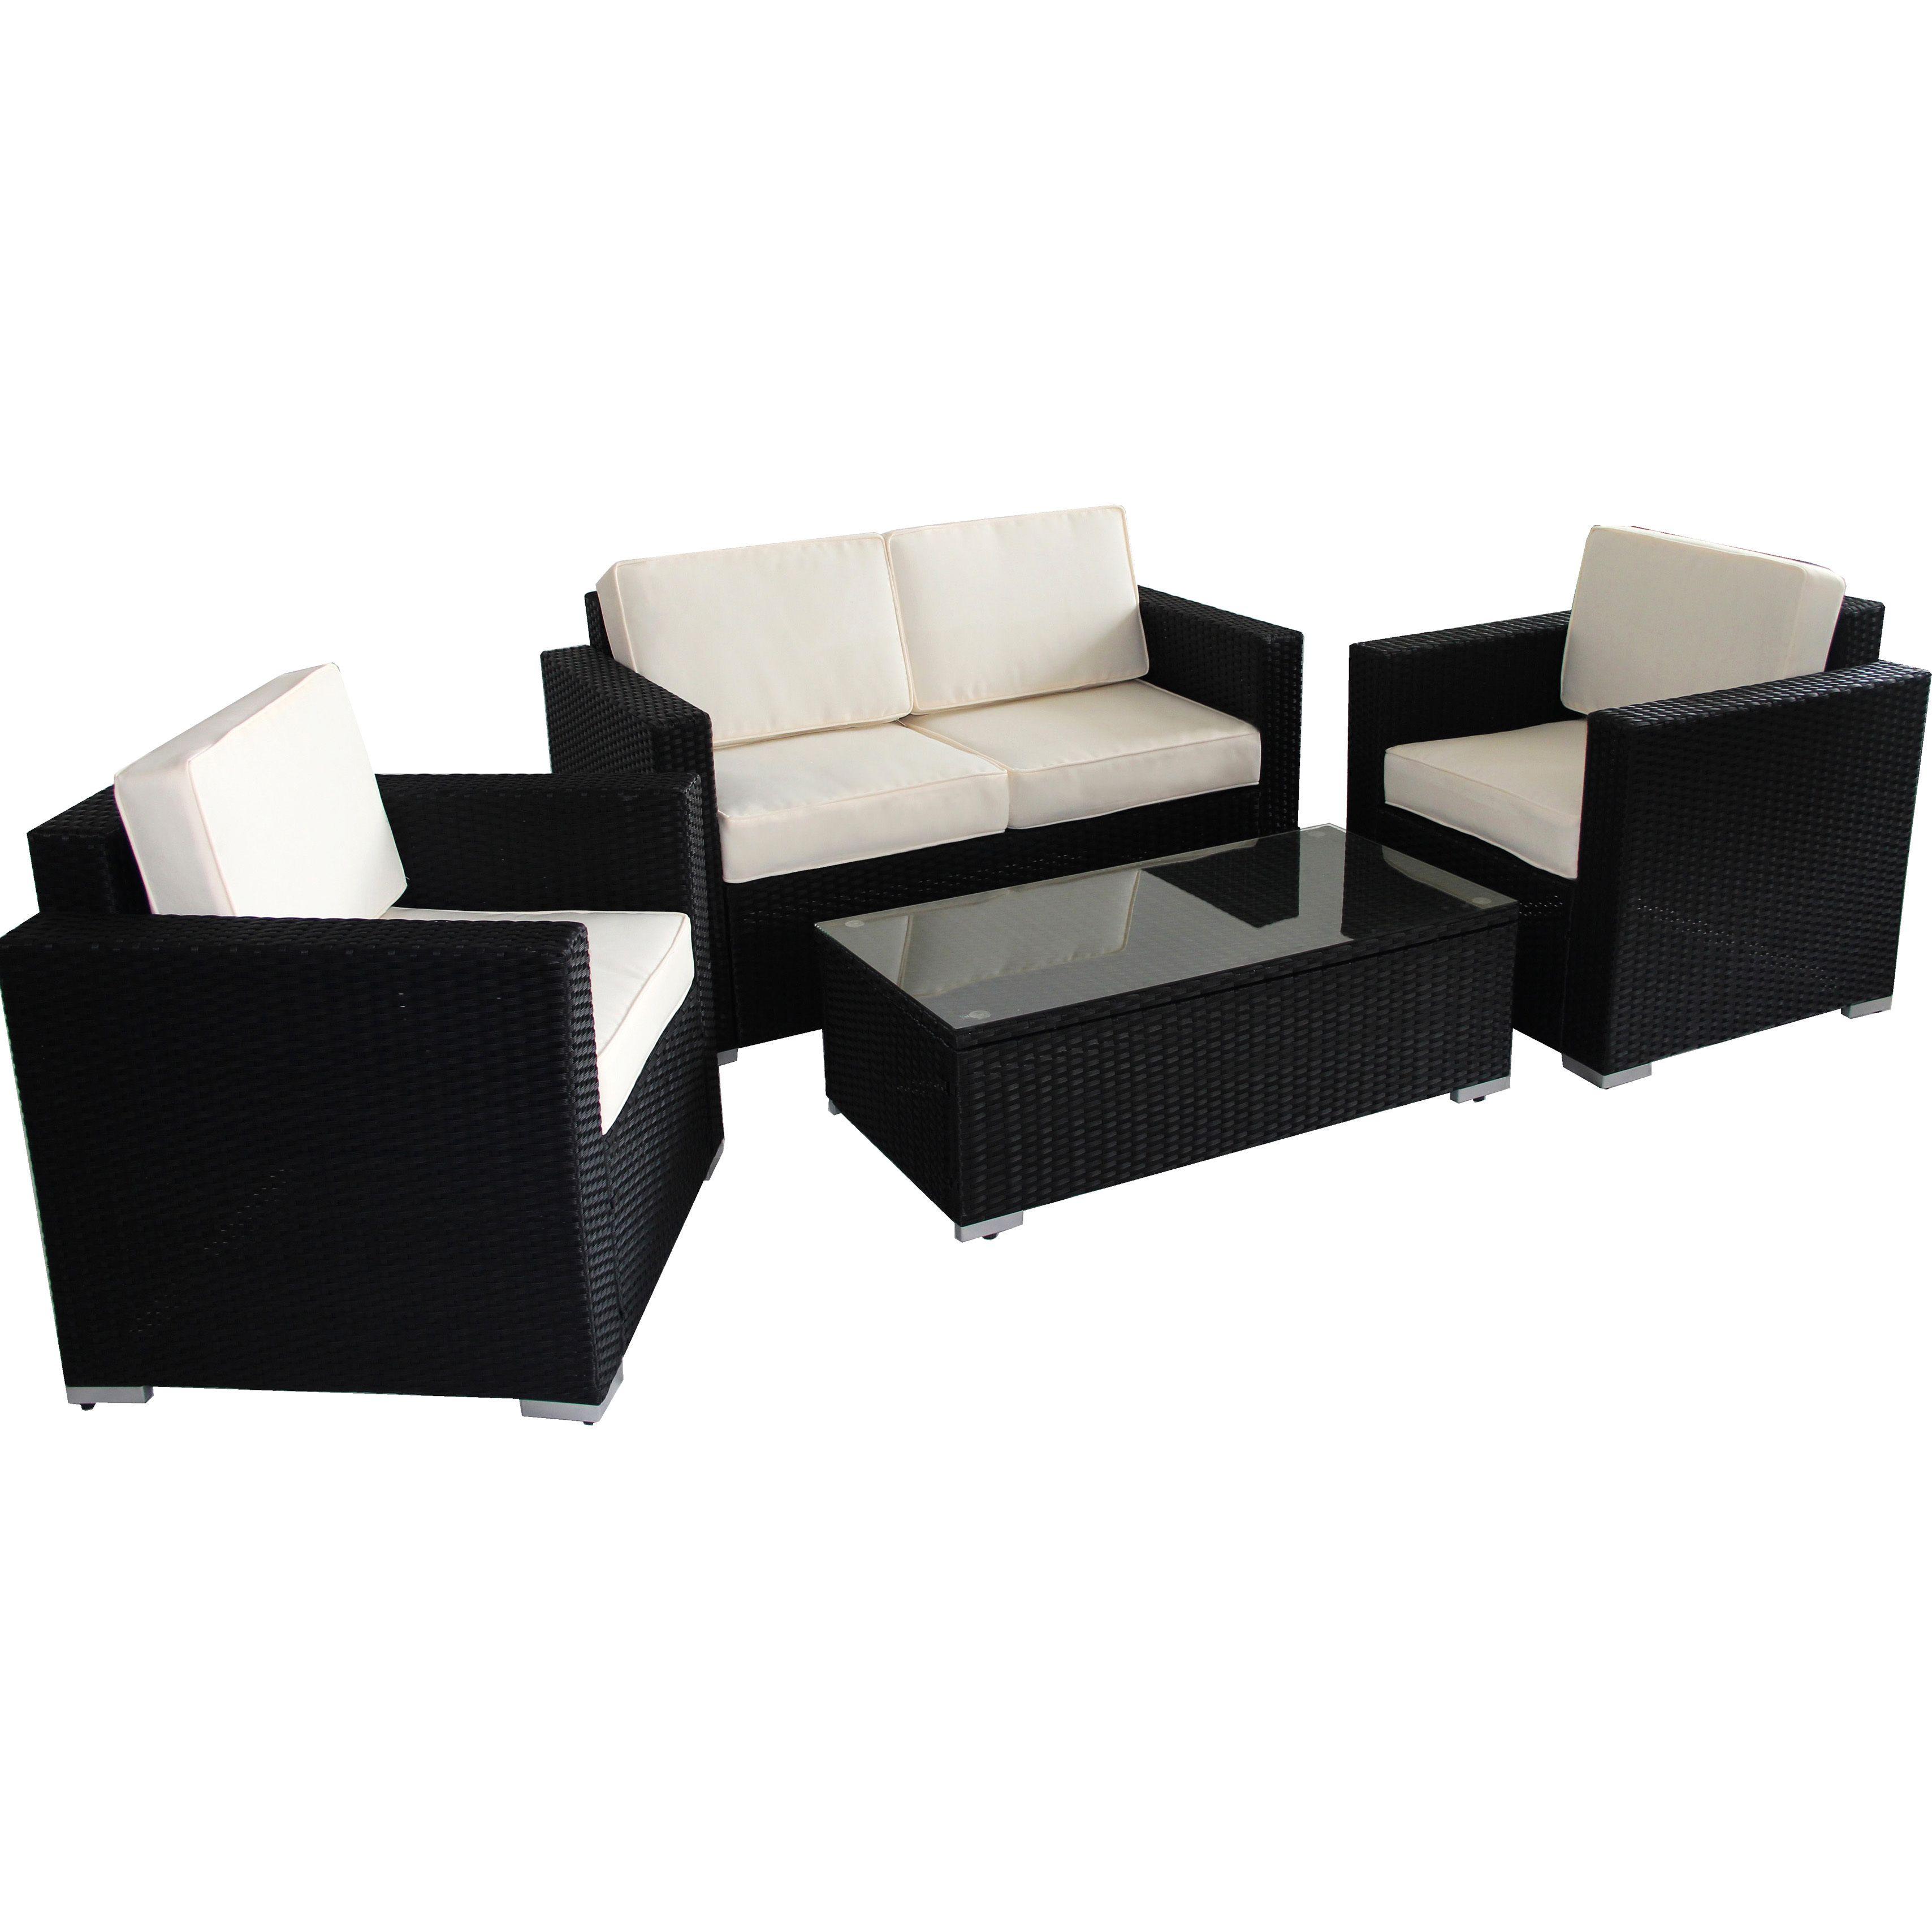 BroyerK 4 piece Outdoor Rattan Patio Furniture Set